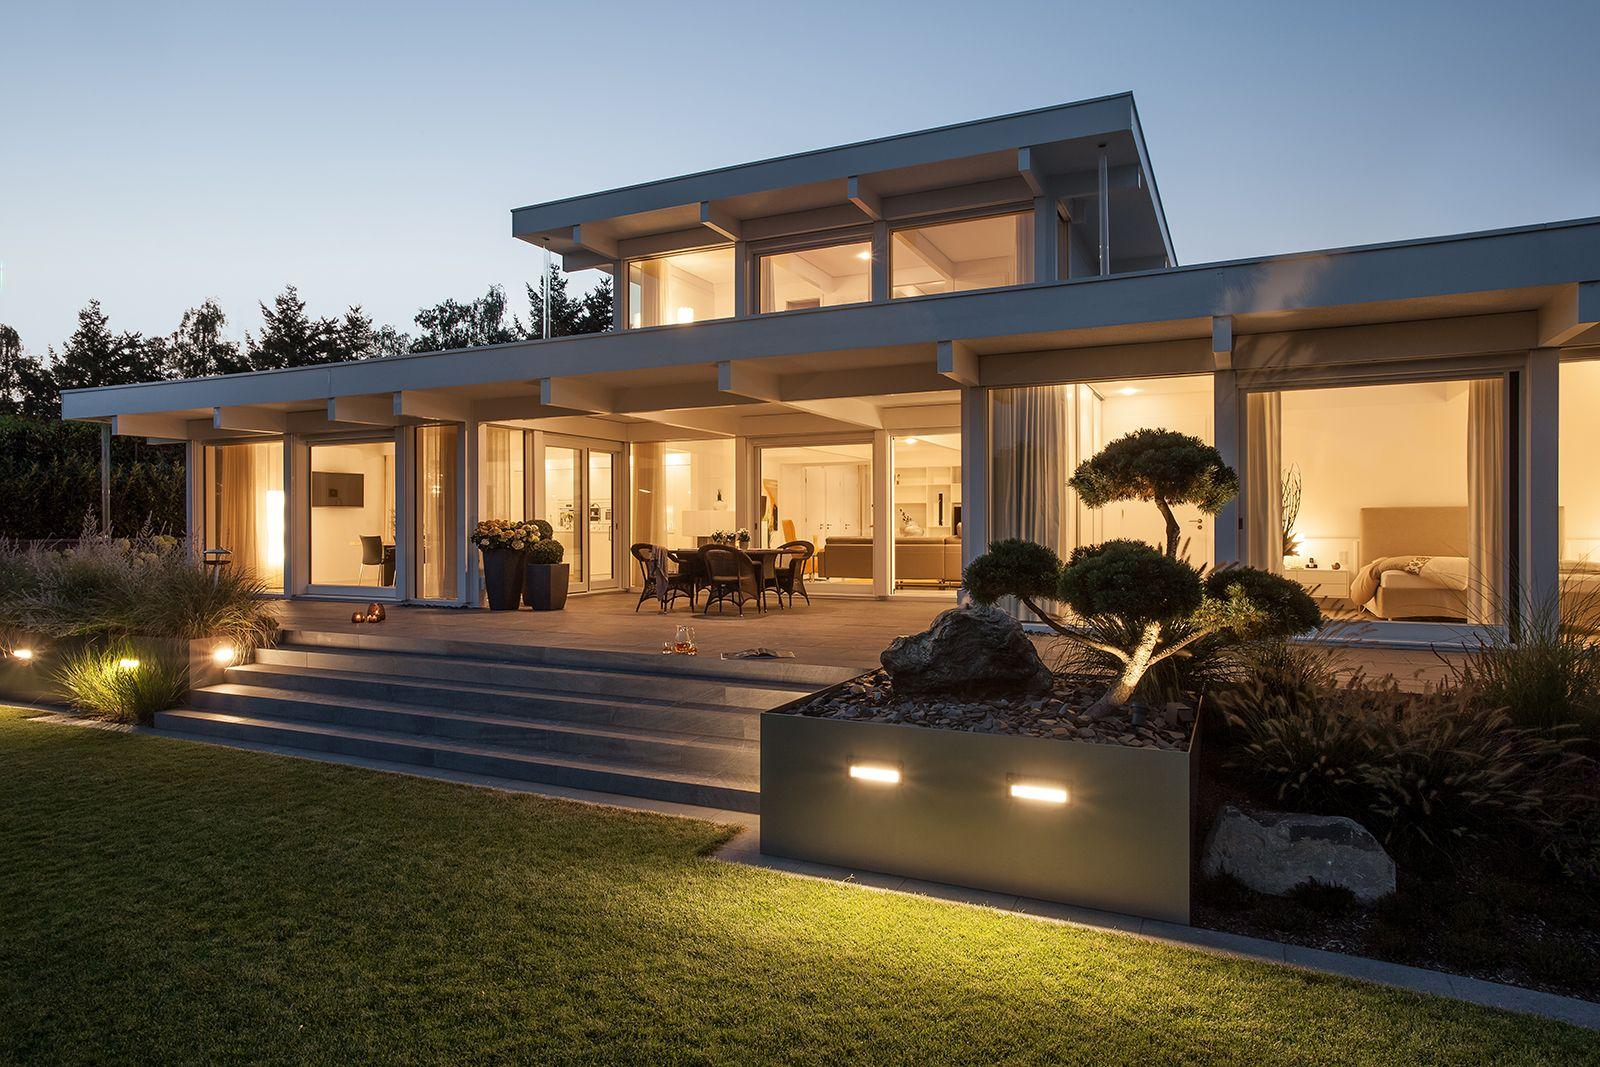 Davinci Haus Endlose Architektonische Freiheit Haus Bungalow Haus Architektur Bungalow